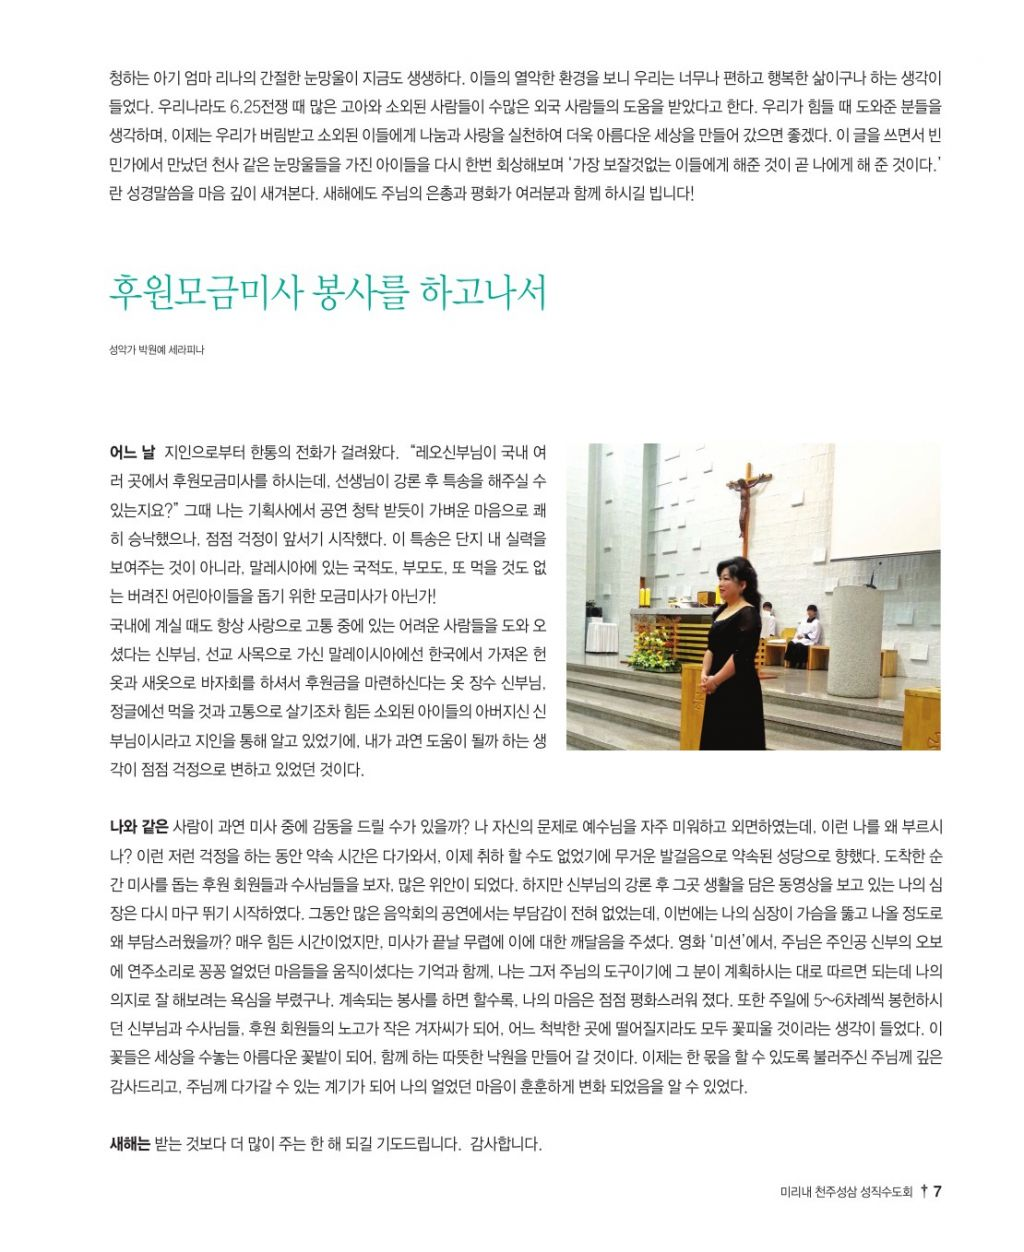 미리내 소식지 2014_겨울호 수정-7.jpg